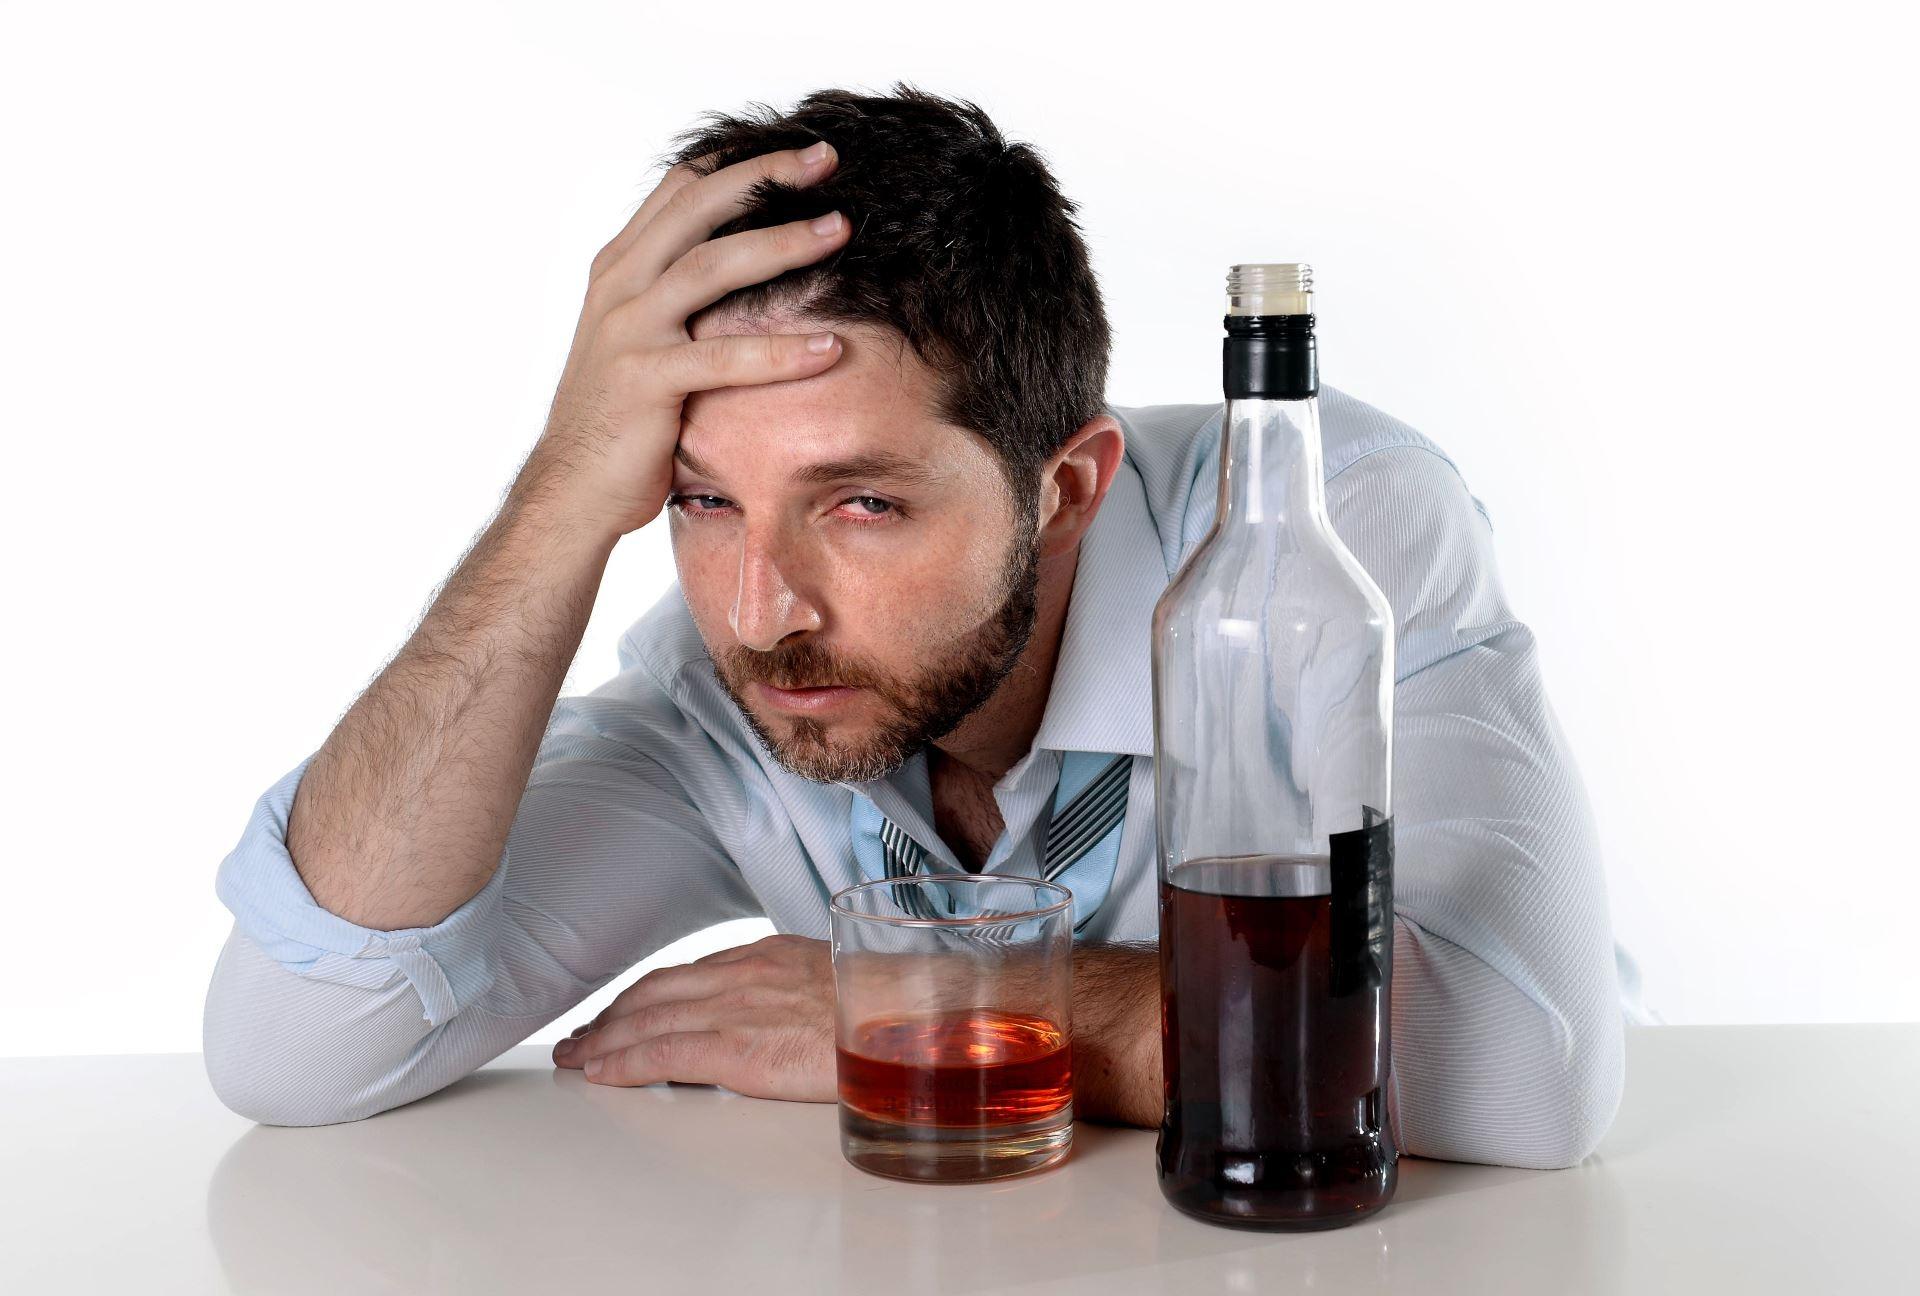 мир алкогольный человек картинки съемки рекламе